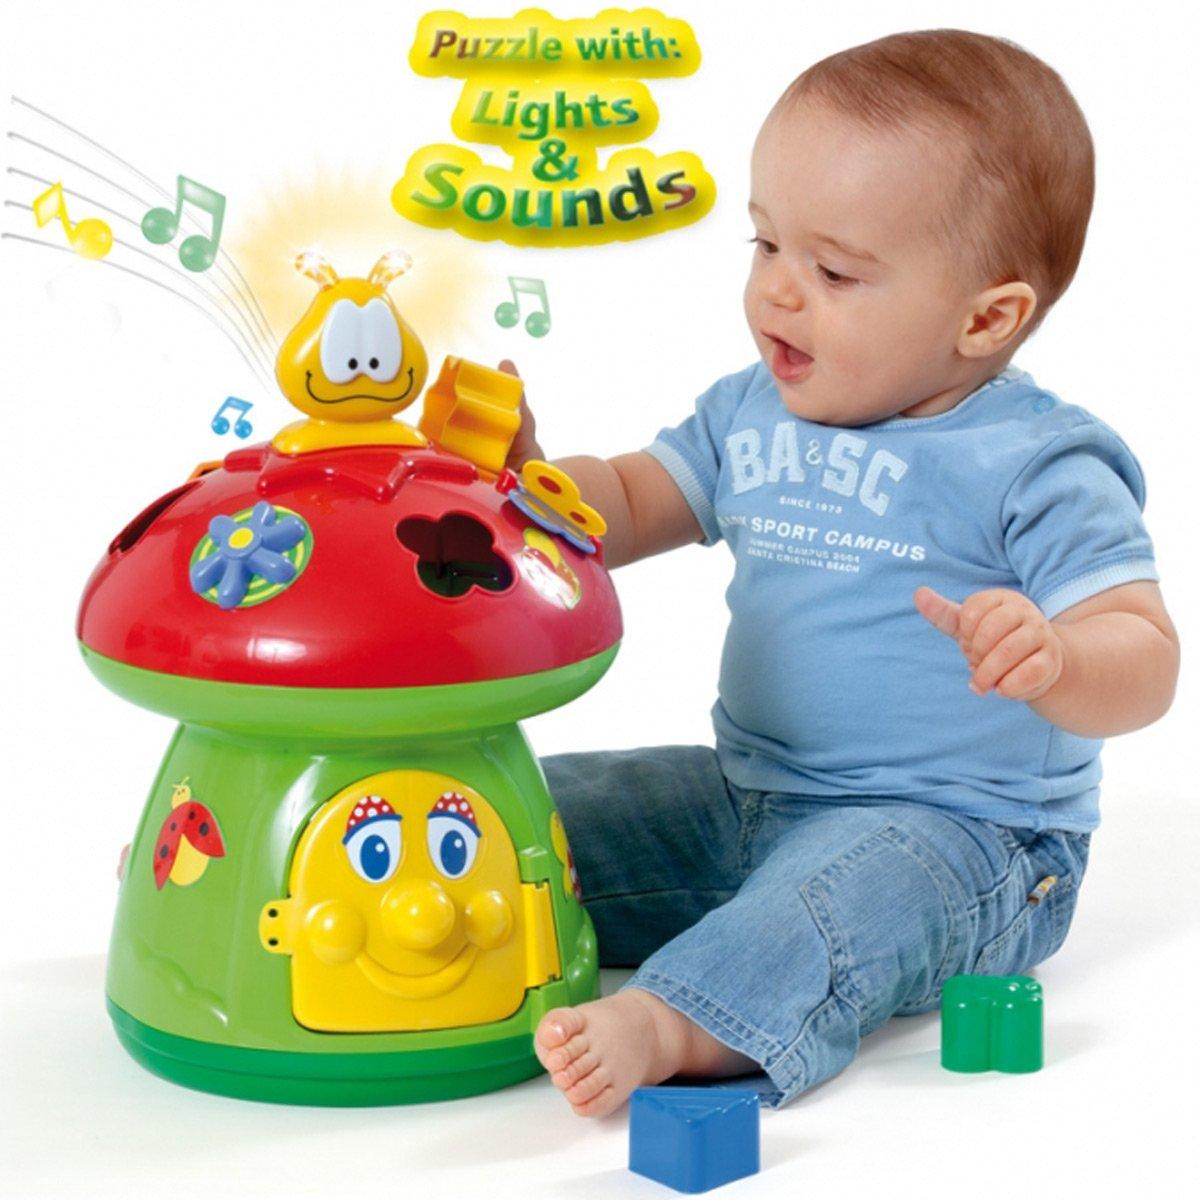 Unbekannt Baby Motorik Spielzeug Pilzhaus mit Licht, Sound und Steckformen Steckspiel - Formen Sortier Spiel Lernspiel mit Licht Sound Siehe Beschreibung